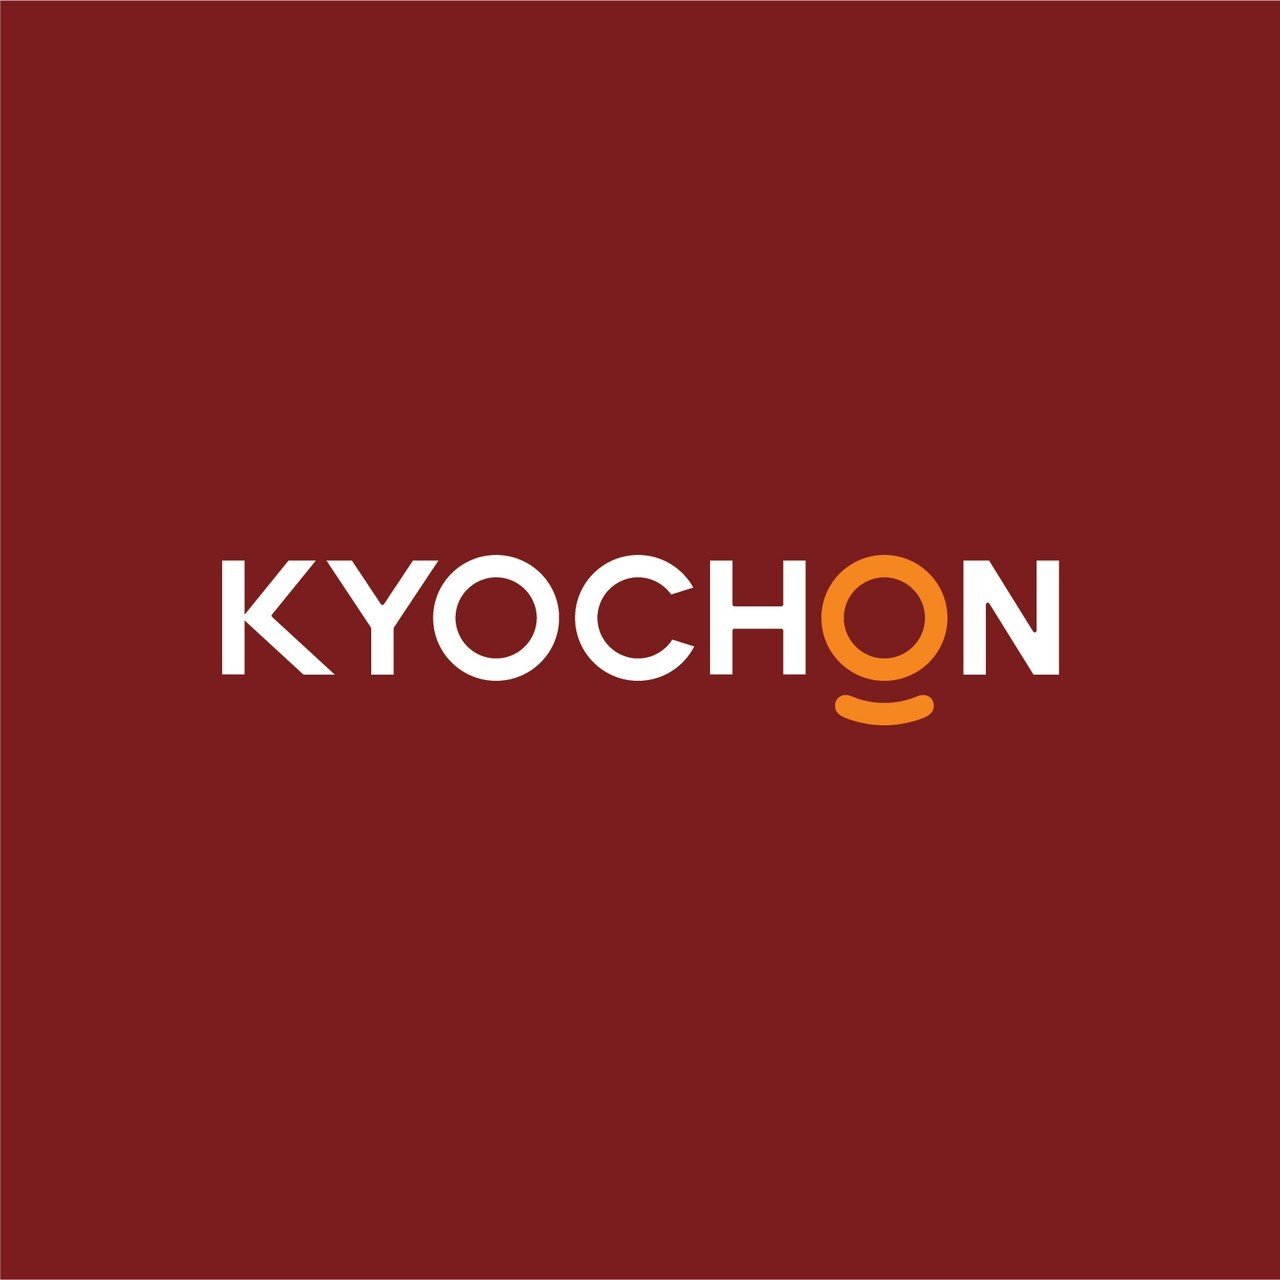 KyoChon (เคียวโชน)